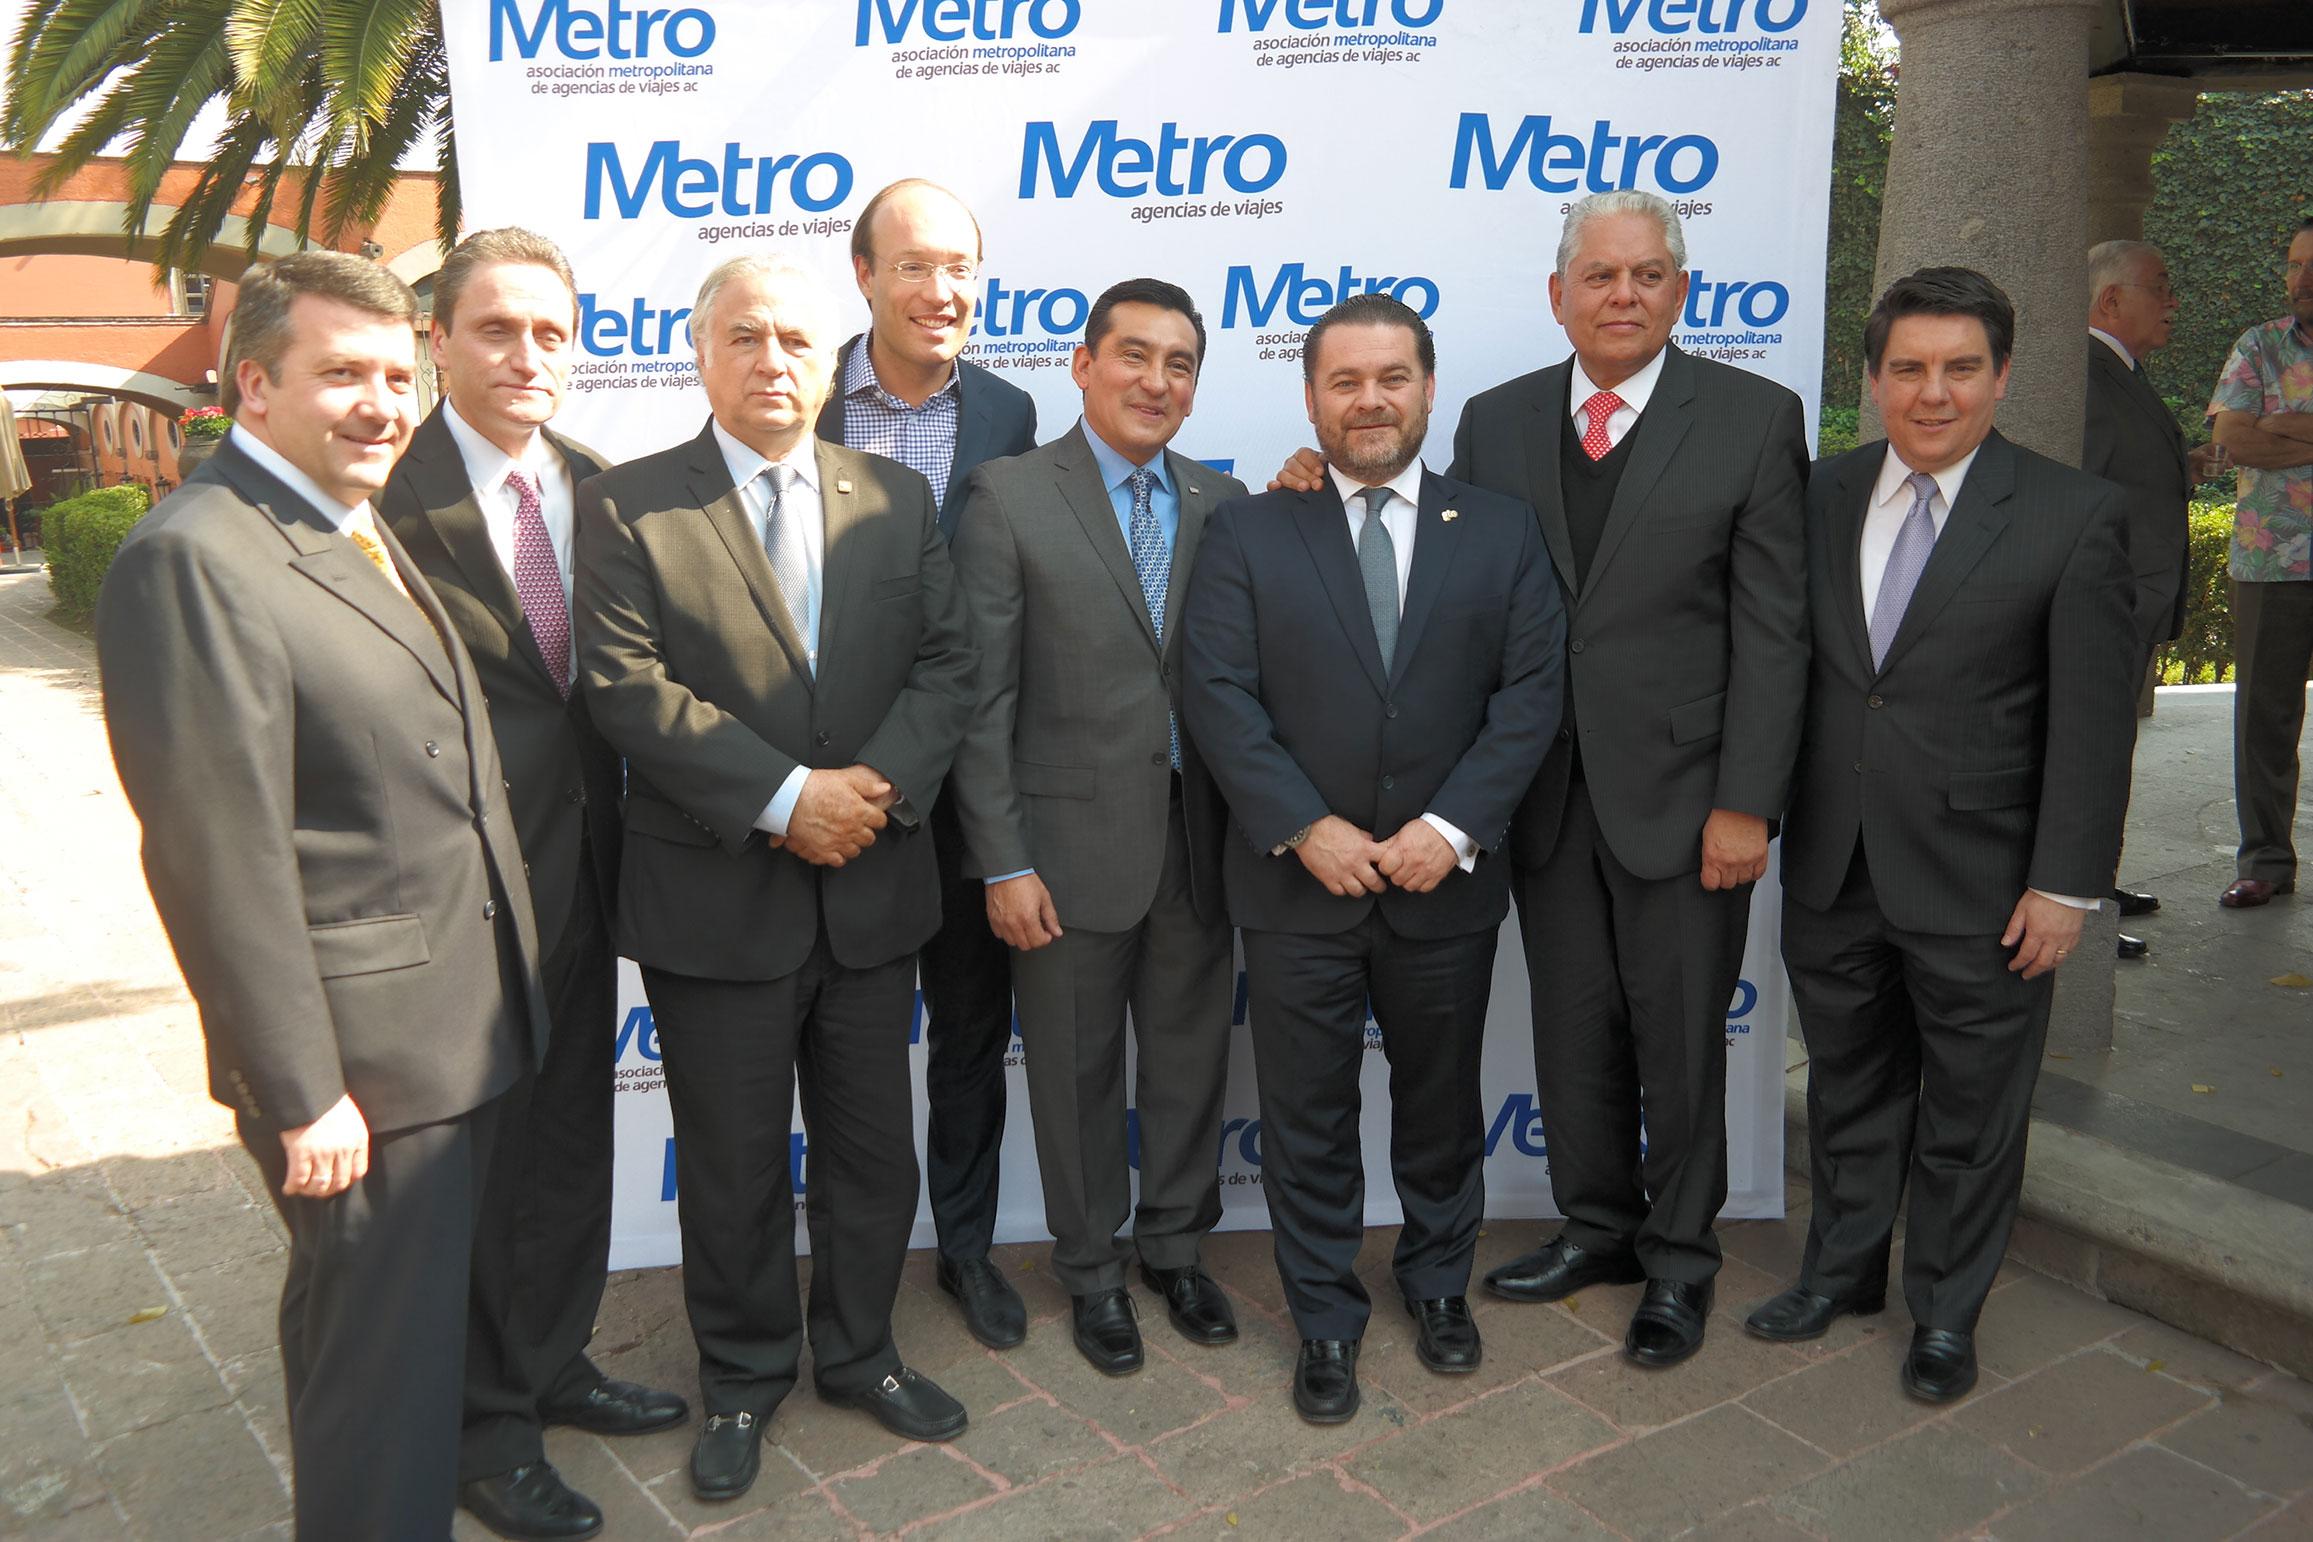 Edgar Solís, presidente de La Metro, acompañado de Anko van der Werf, Miguel Torruco, Fernando Olivera, Jorge Goytortua, Salvador Sánchez, Nathan Poplawsky y Eloy Rodríguez